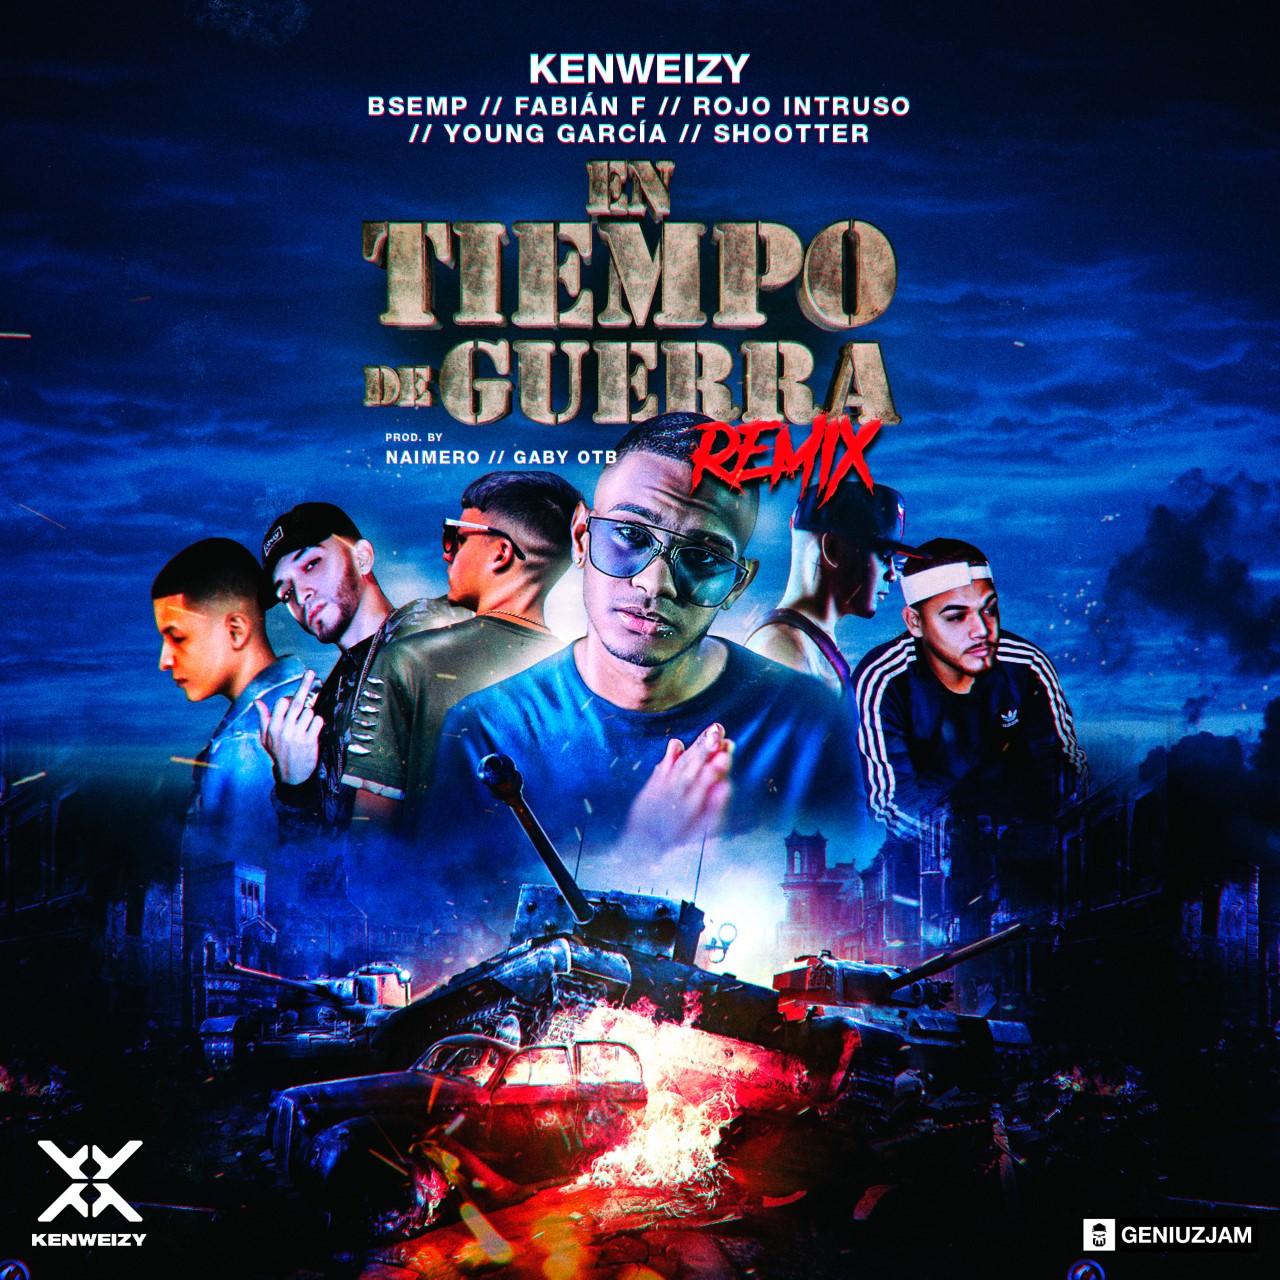 63e646c04f02eb1d8a9ae27c91f011175e4a32bf 1 - Kenweizy Feat B Semp, Fabian F, Rojo Intruso, Young Garcia y Shootter - Tiempo De Guerra